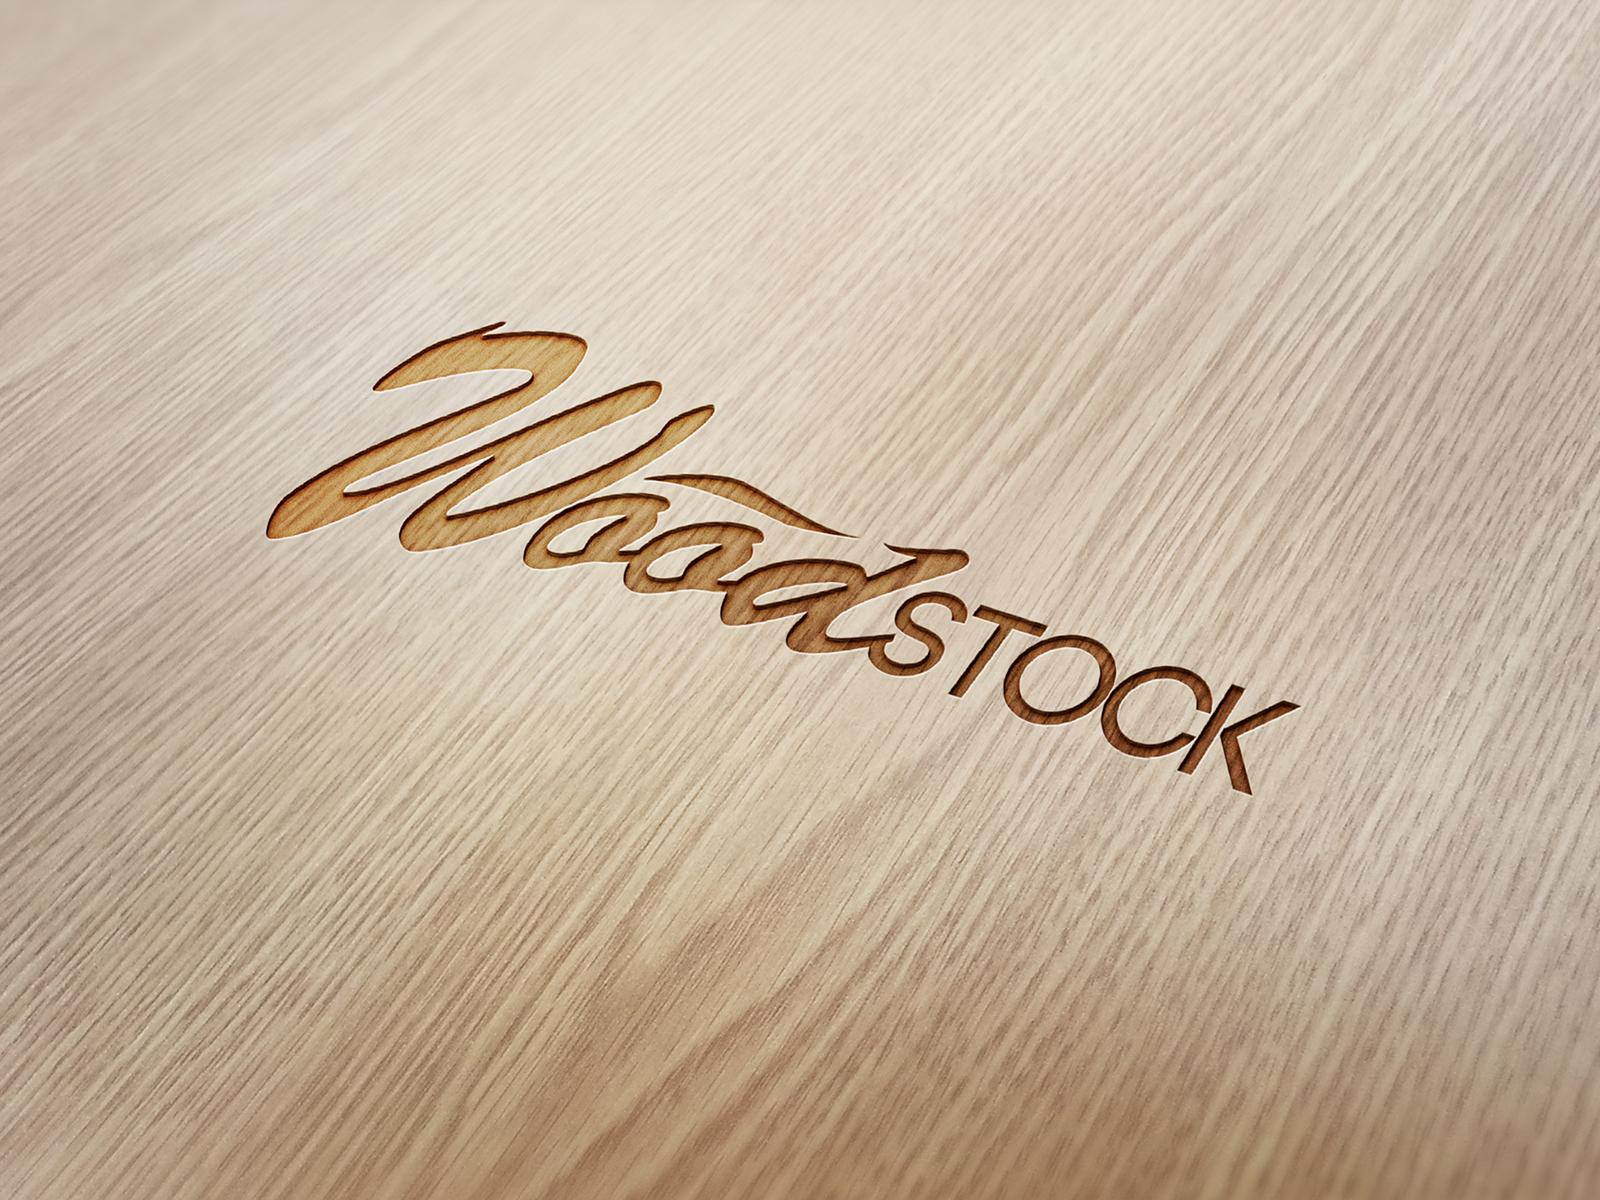 WOOD STOCK GUITARES